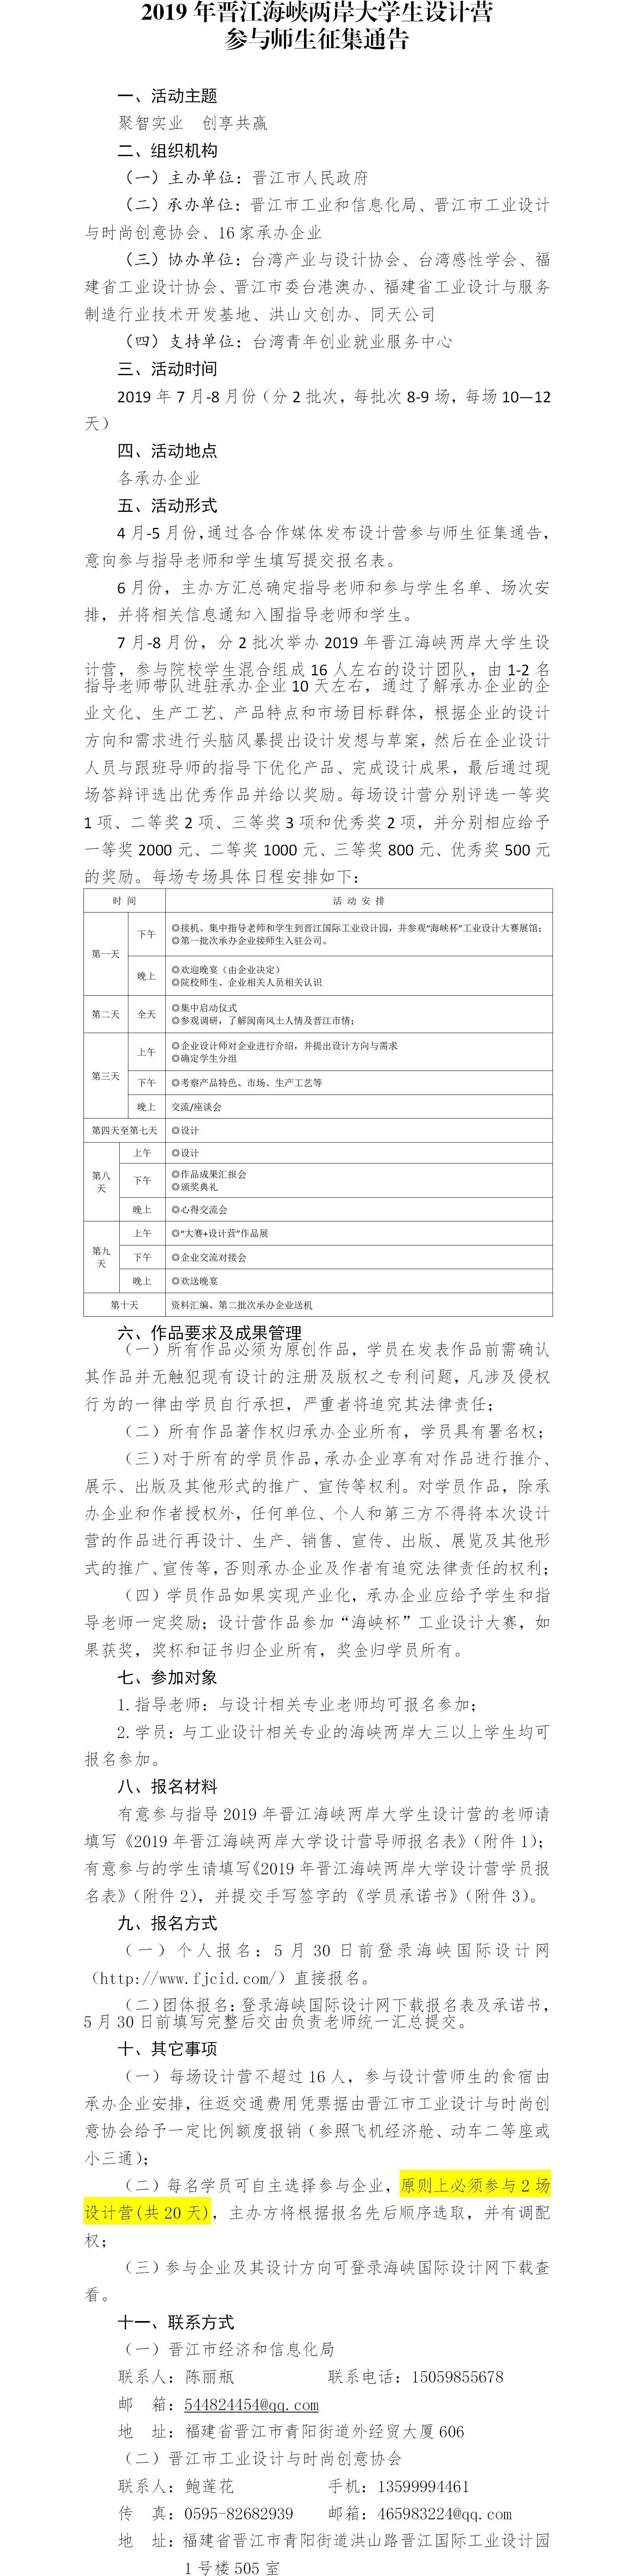 2_2019年晋江海峡两岸大学生设计营参与师生征集通告.jpg